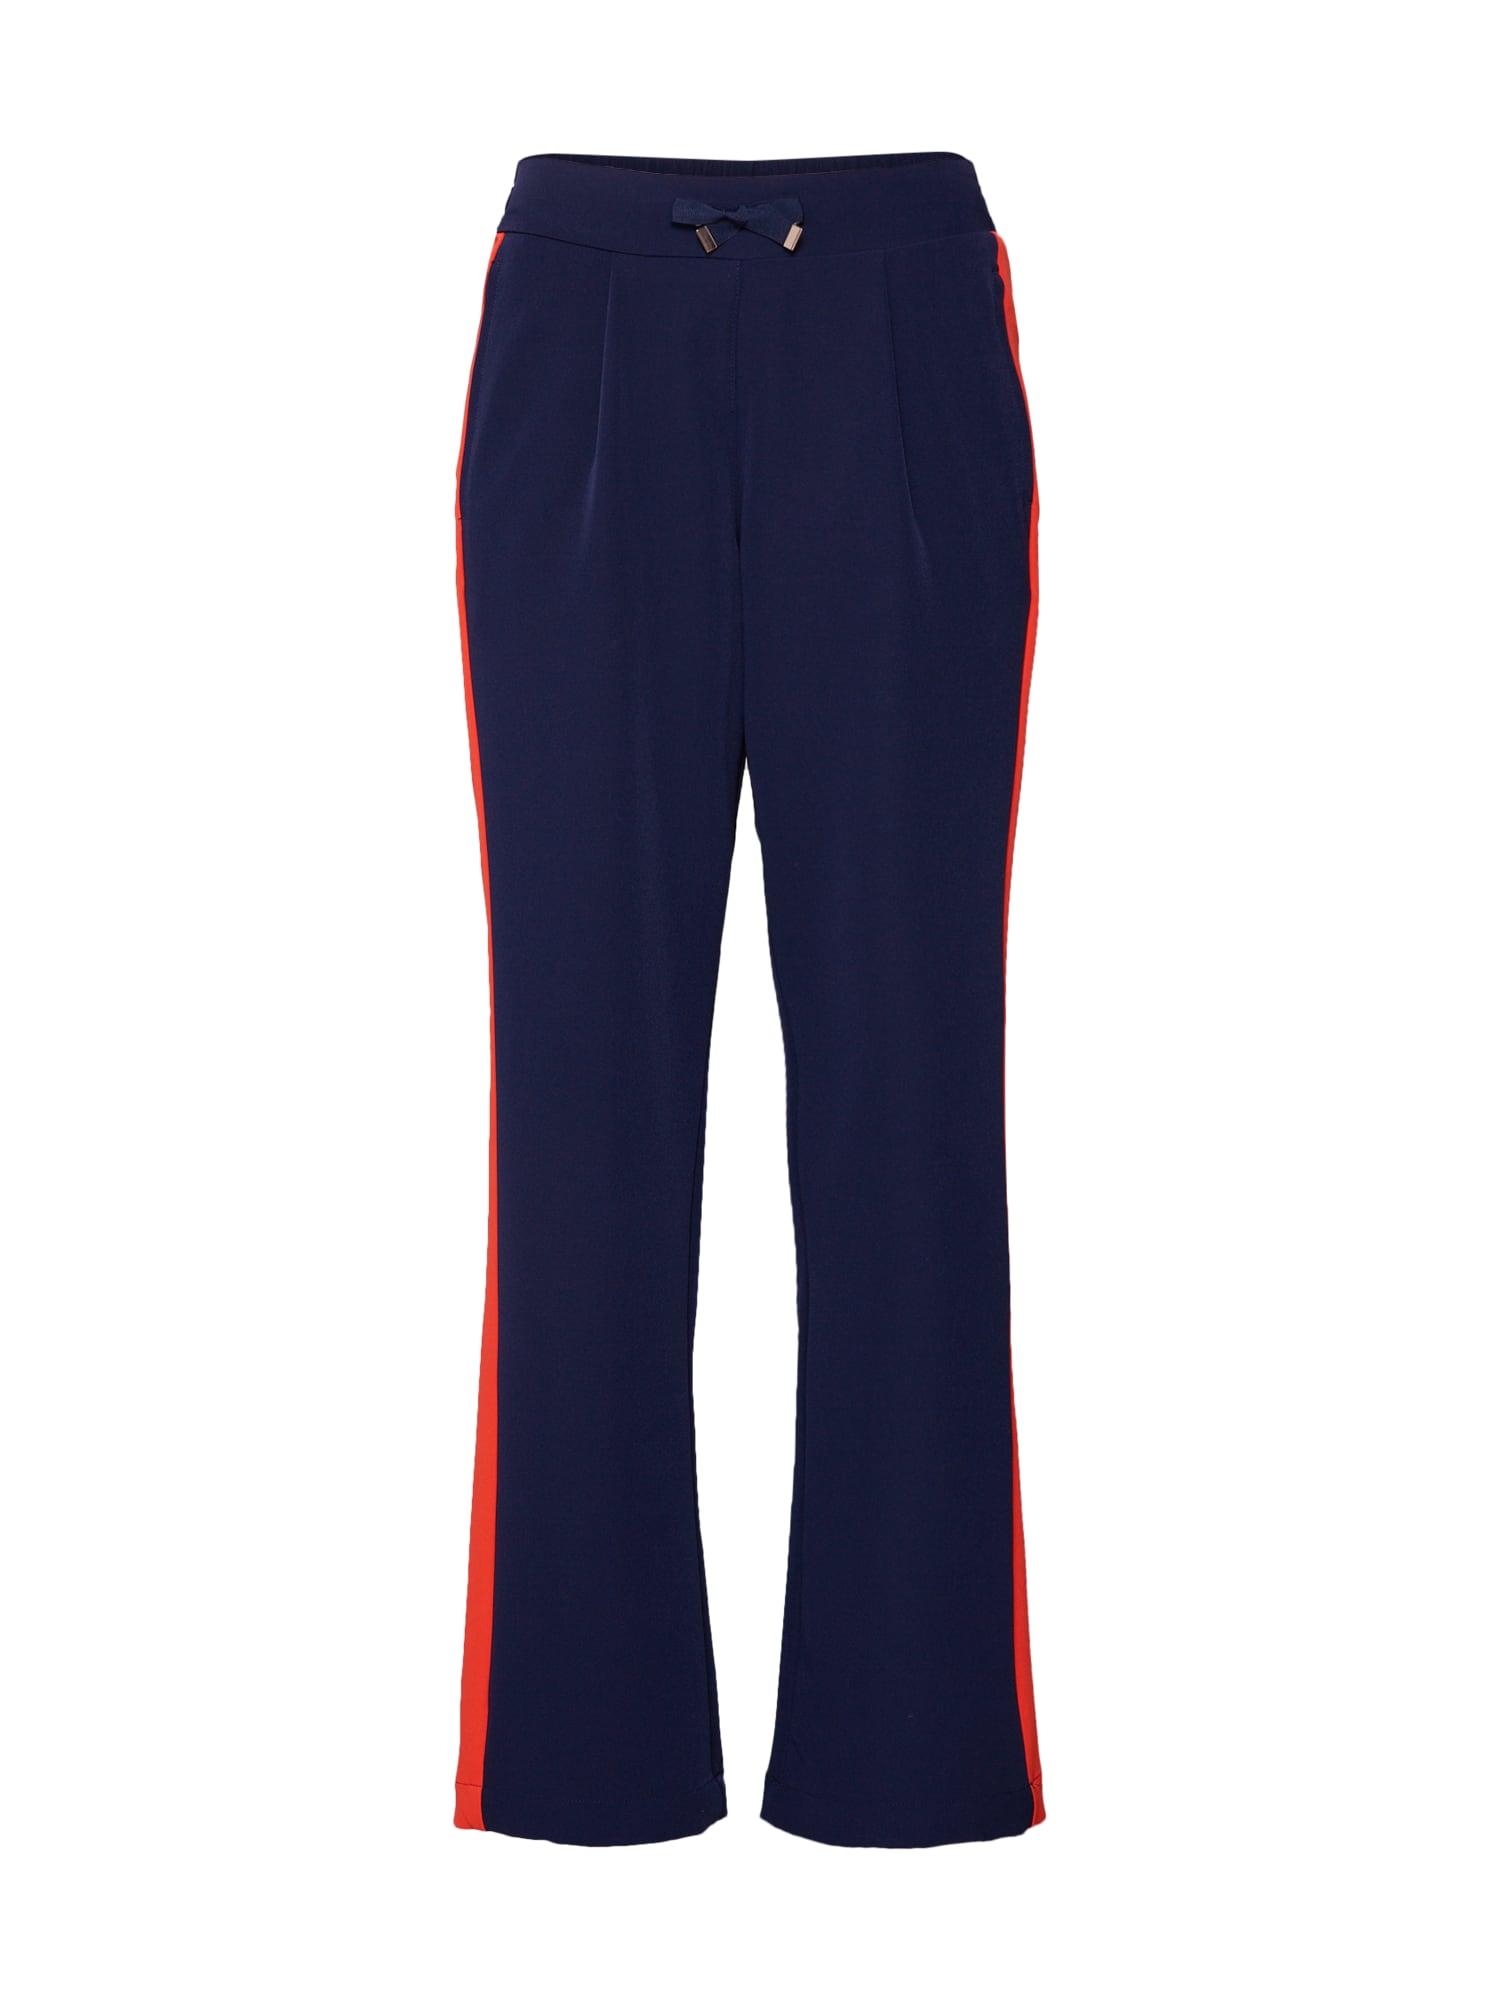 Kalhoty se sklady v pase tmavě modrá oranžově červená TOM TAILOR DENIM